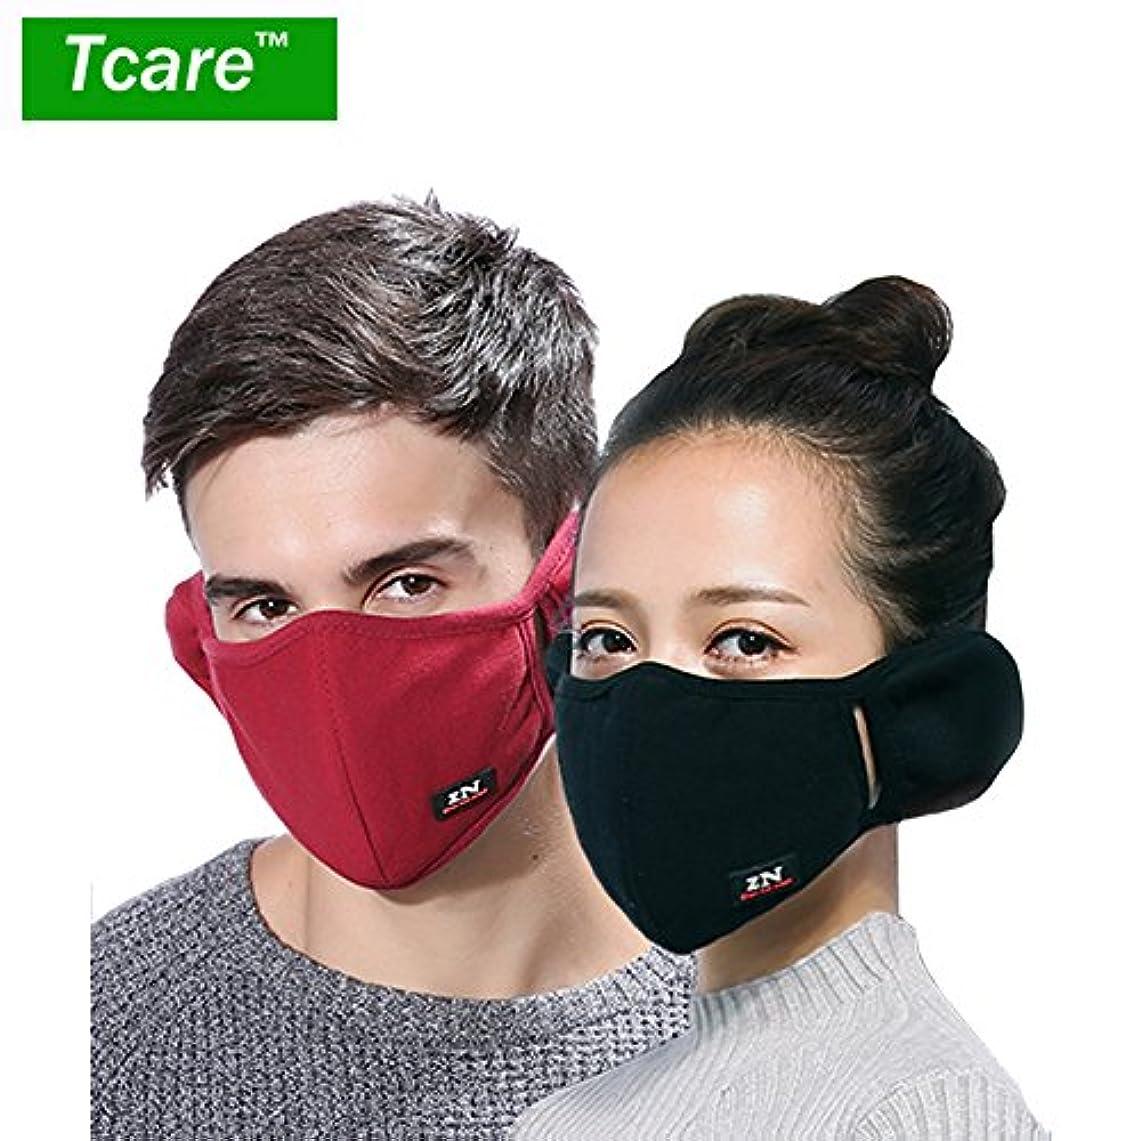 原理吸収知覚できる男性女性の少年少女のためのTcare呼吸器2レイヤピュアコットン保護フィルター挿入口:9グレー